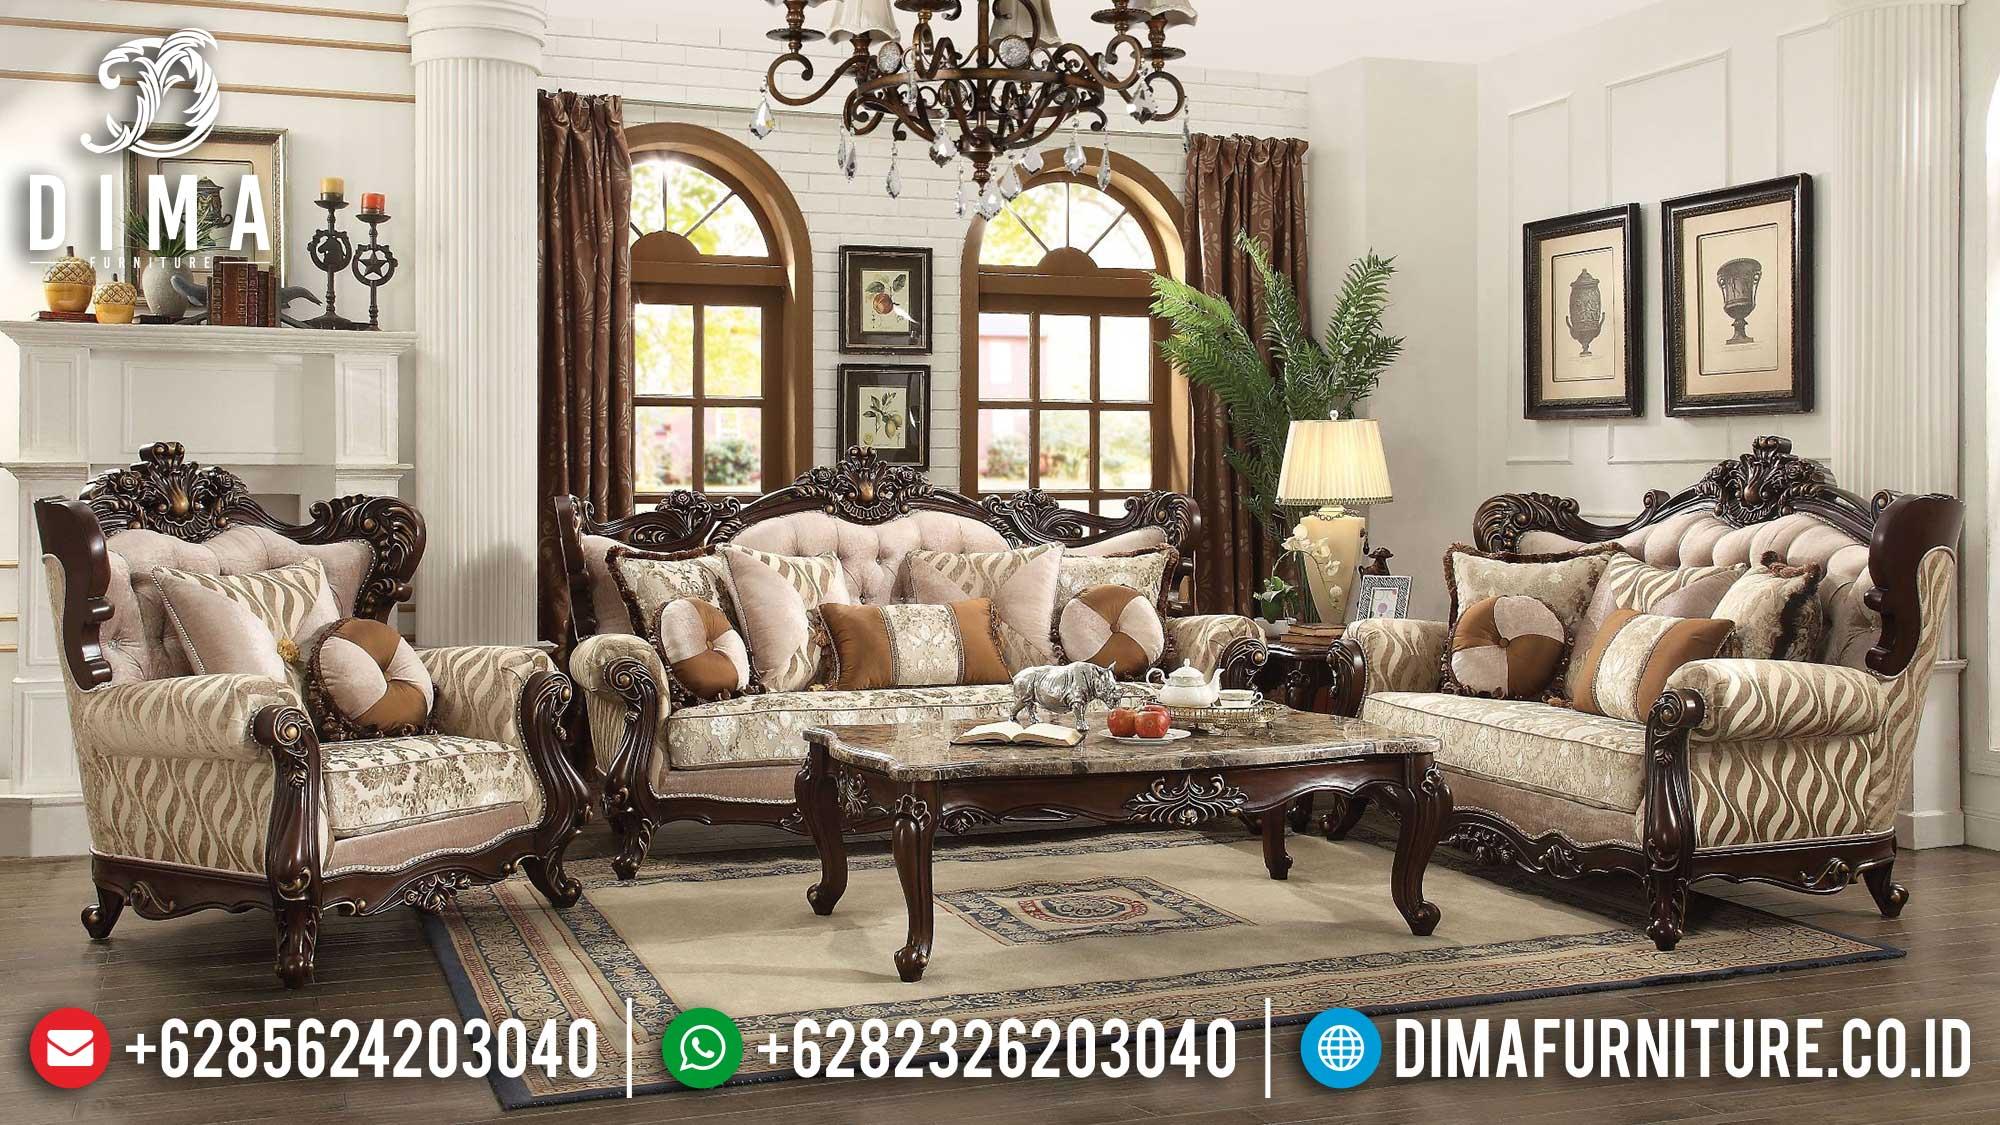 Desain Sofa Ruang Tamu Mewah Classic Konsep Luxury Interior Inspiring TTJ-1522